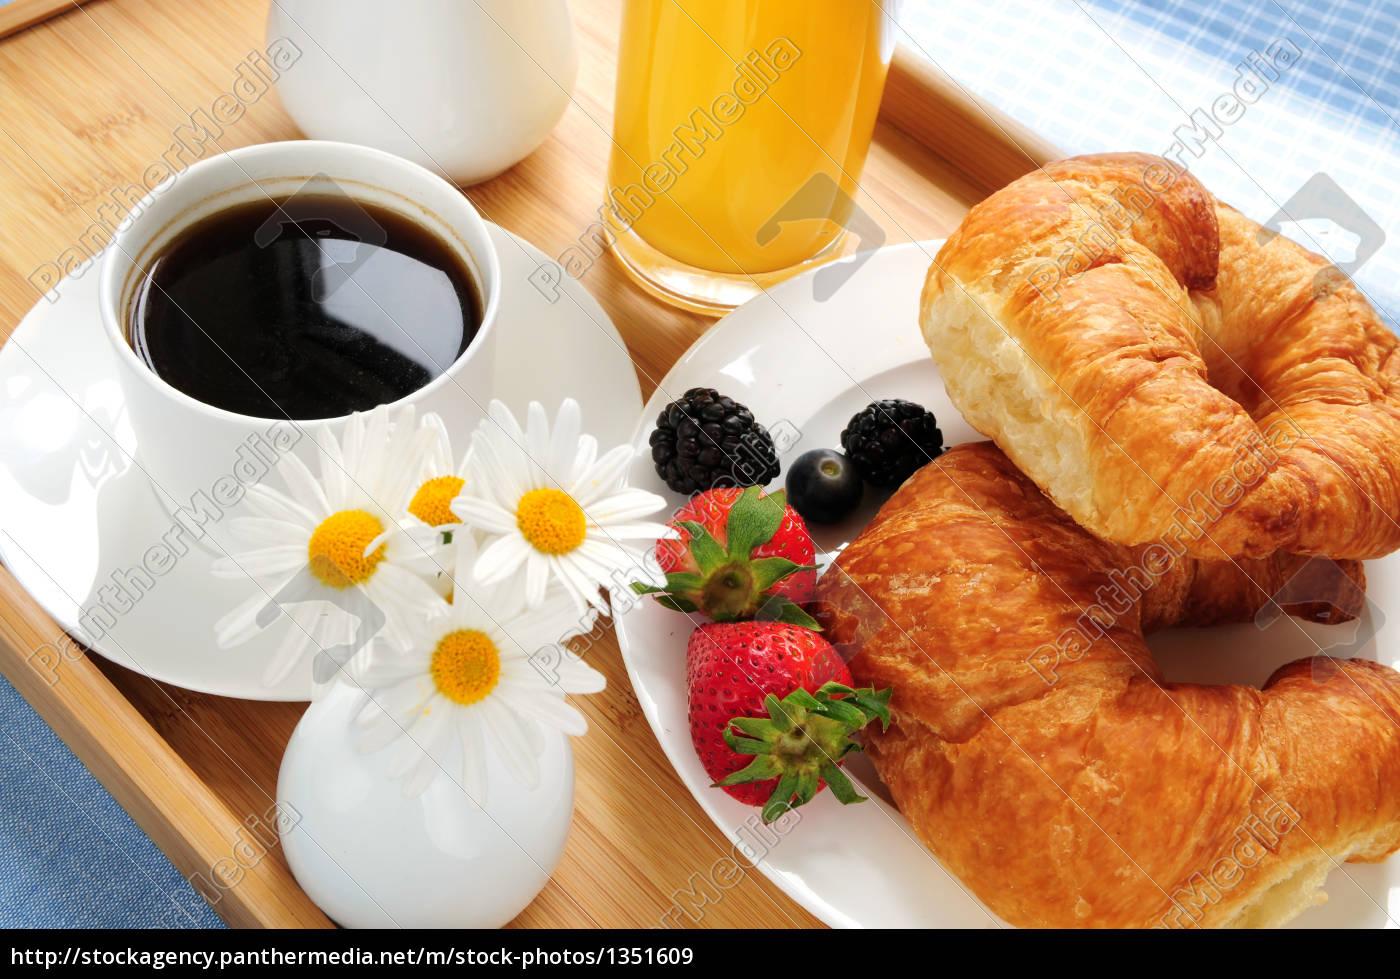 frühstück, serviert, auf, einem, tablett - 1351609